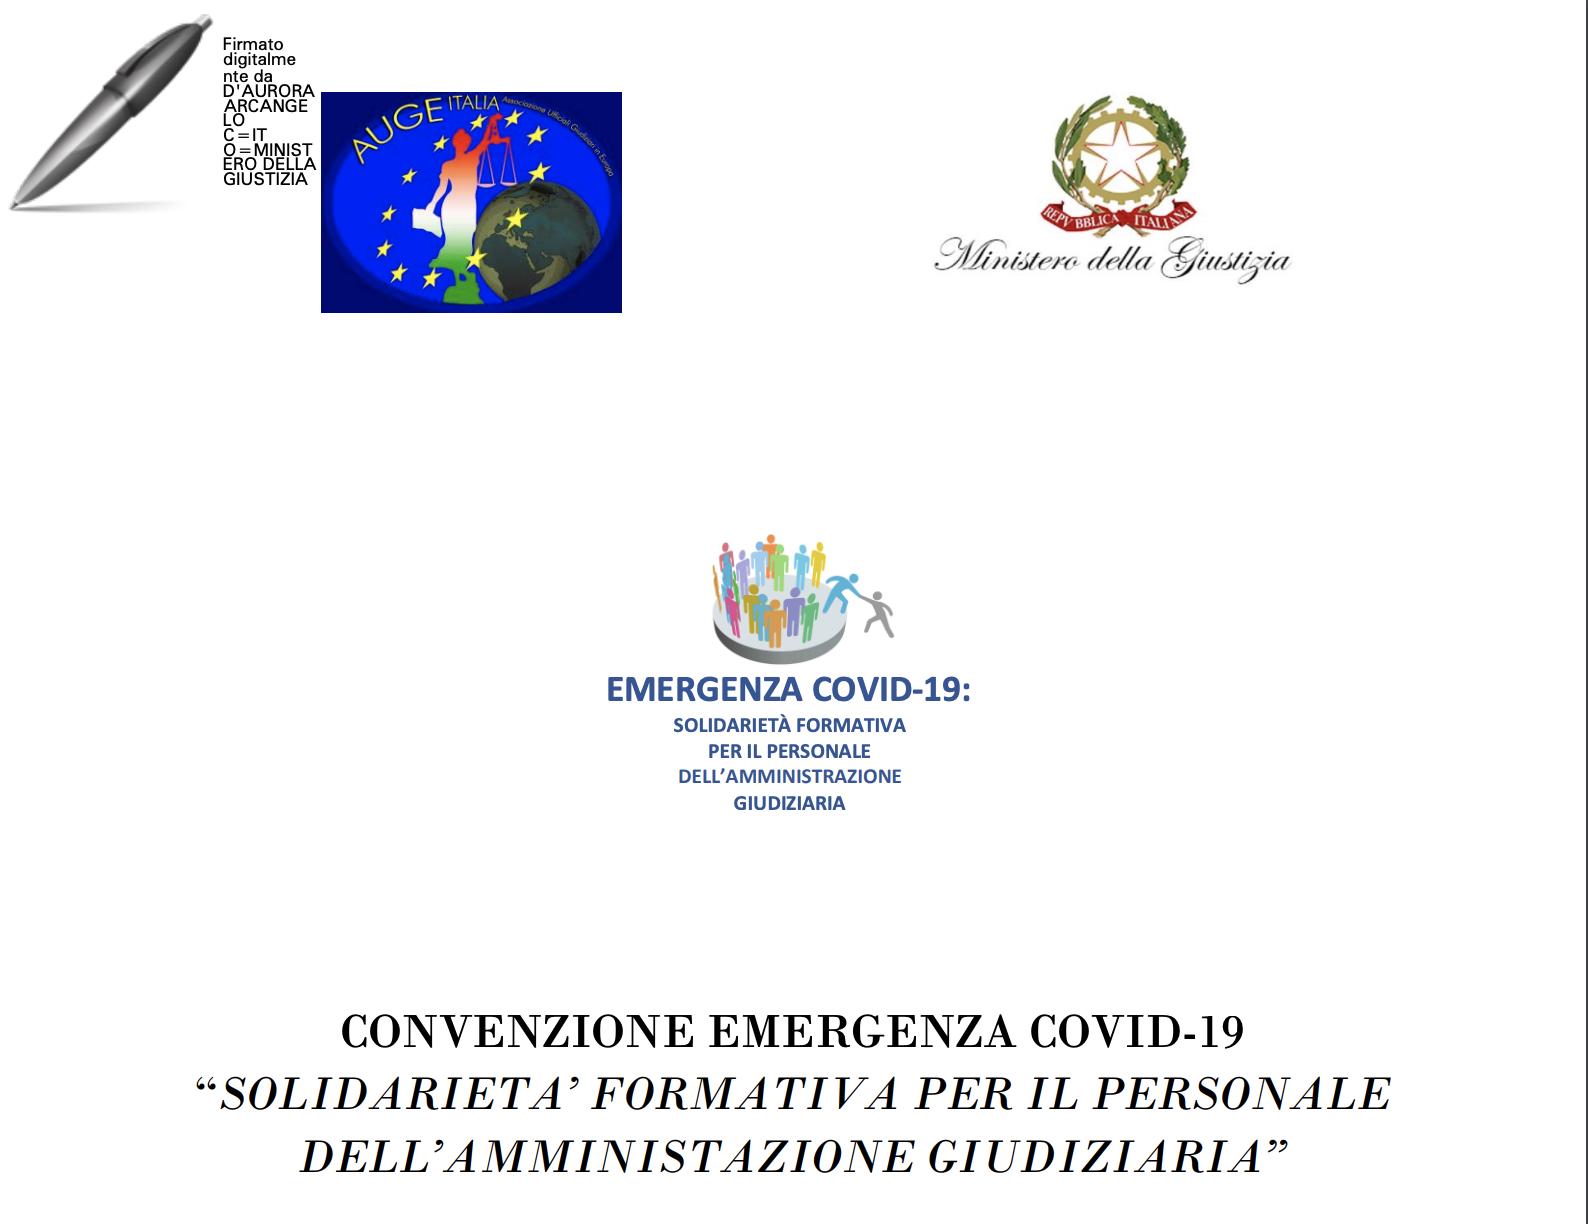 Convenzione Emergenza Covid-19 solidarietà formativa tra AUGE e il Ministero della Giustizia